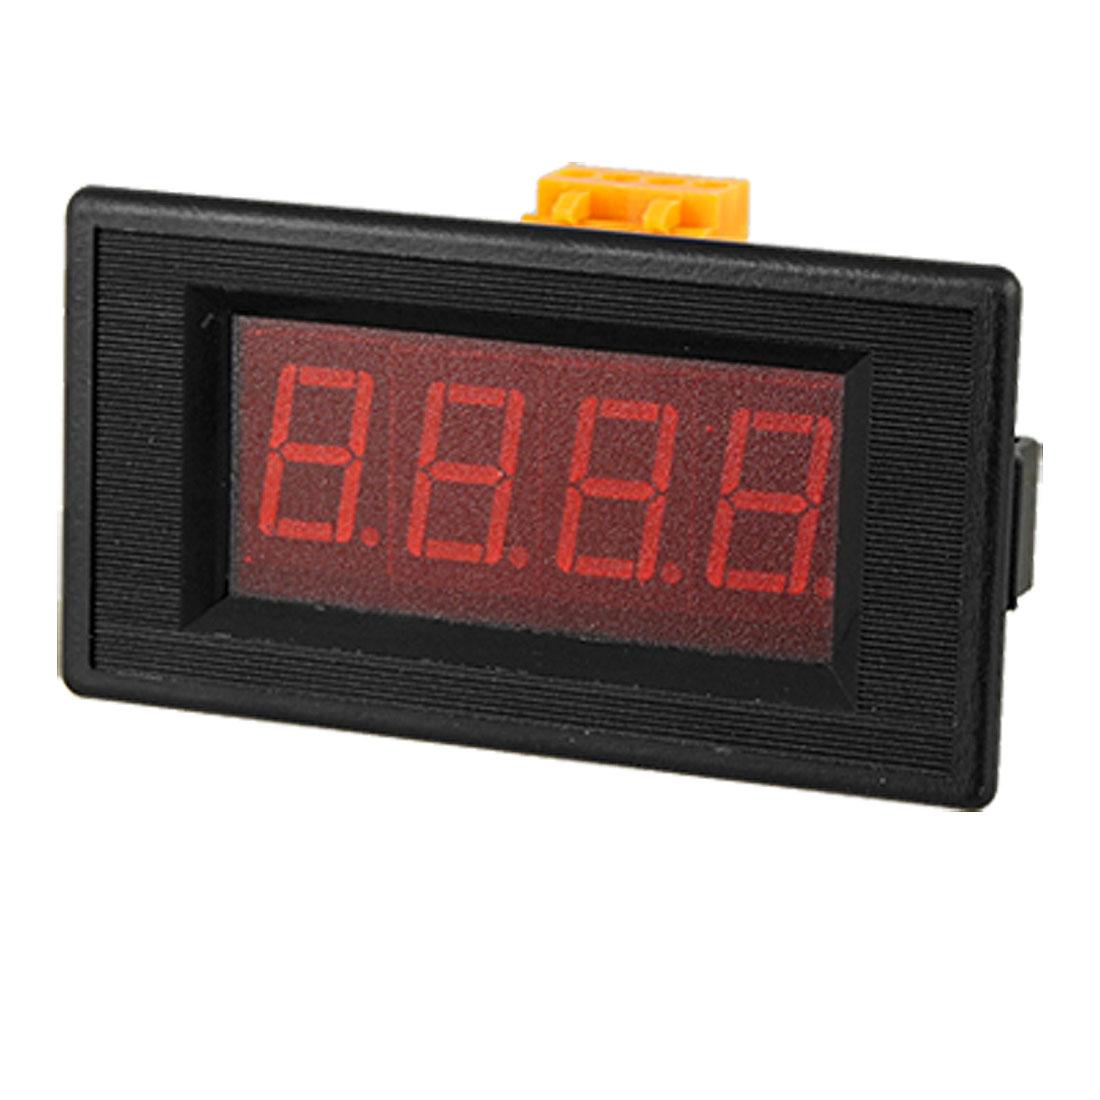 DC 5V 3 1/2 Red LCD Digital Ammeter Current Panel Meter